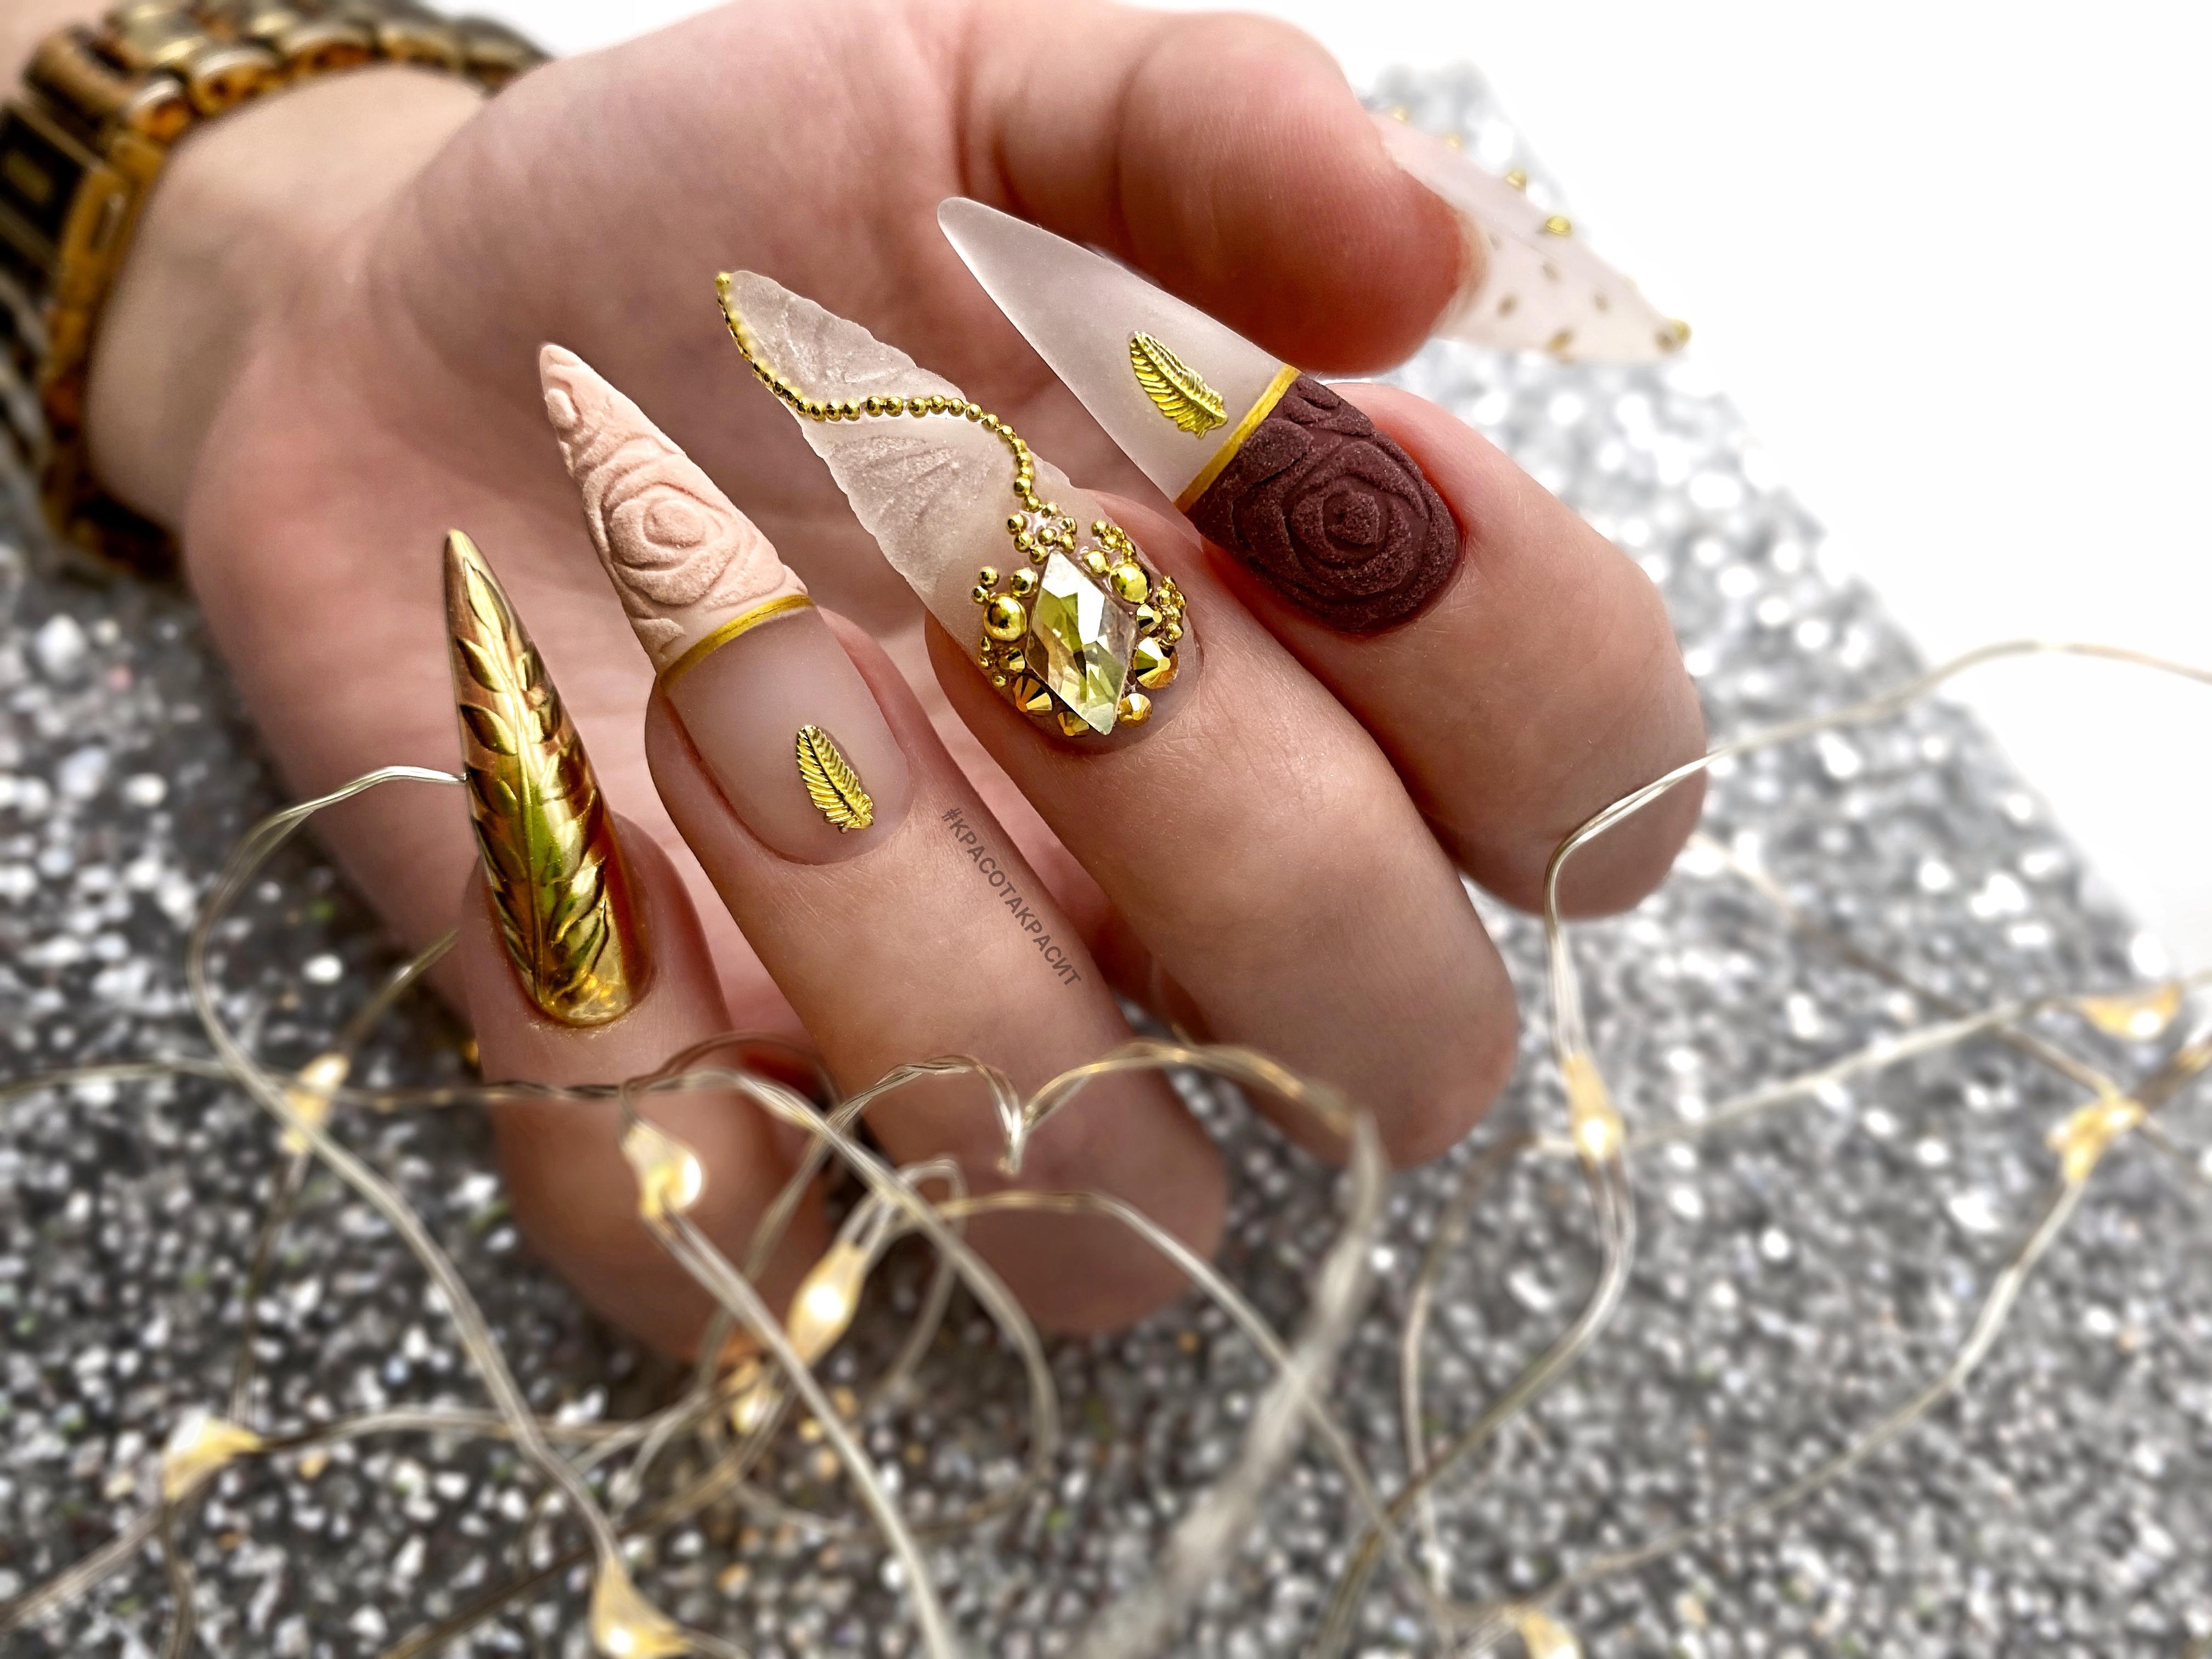 Маникюр с песочным рисунком, золотой втиркой и стразами на длинные ногти.